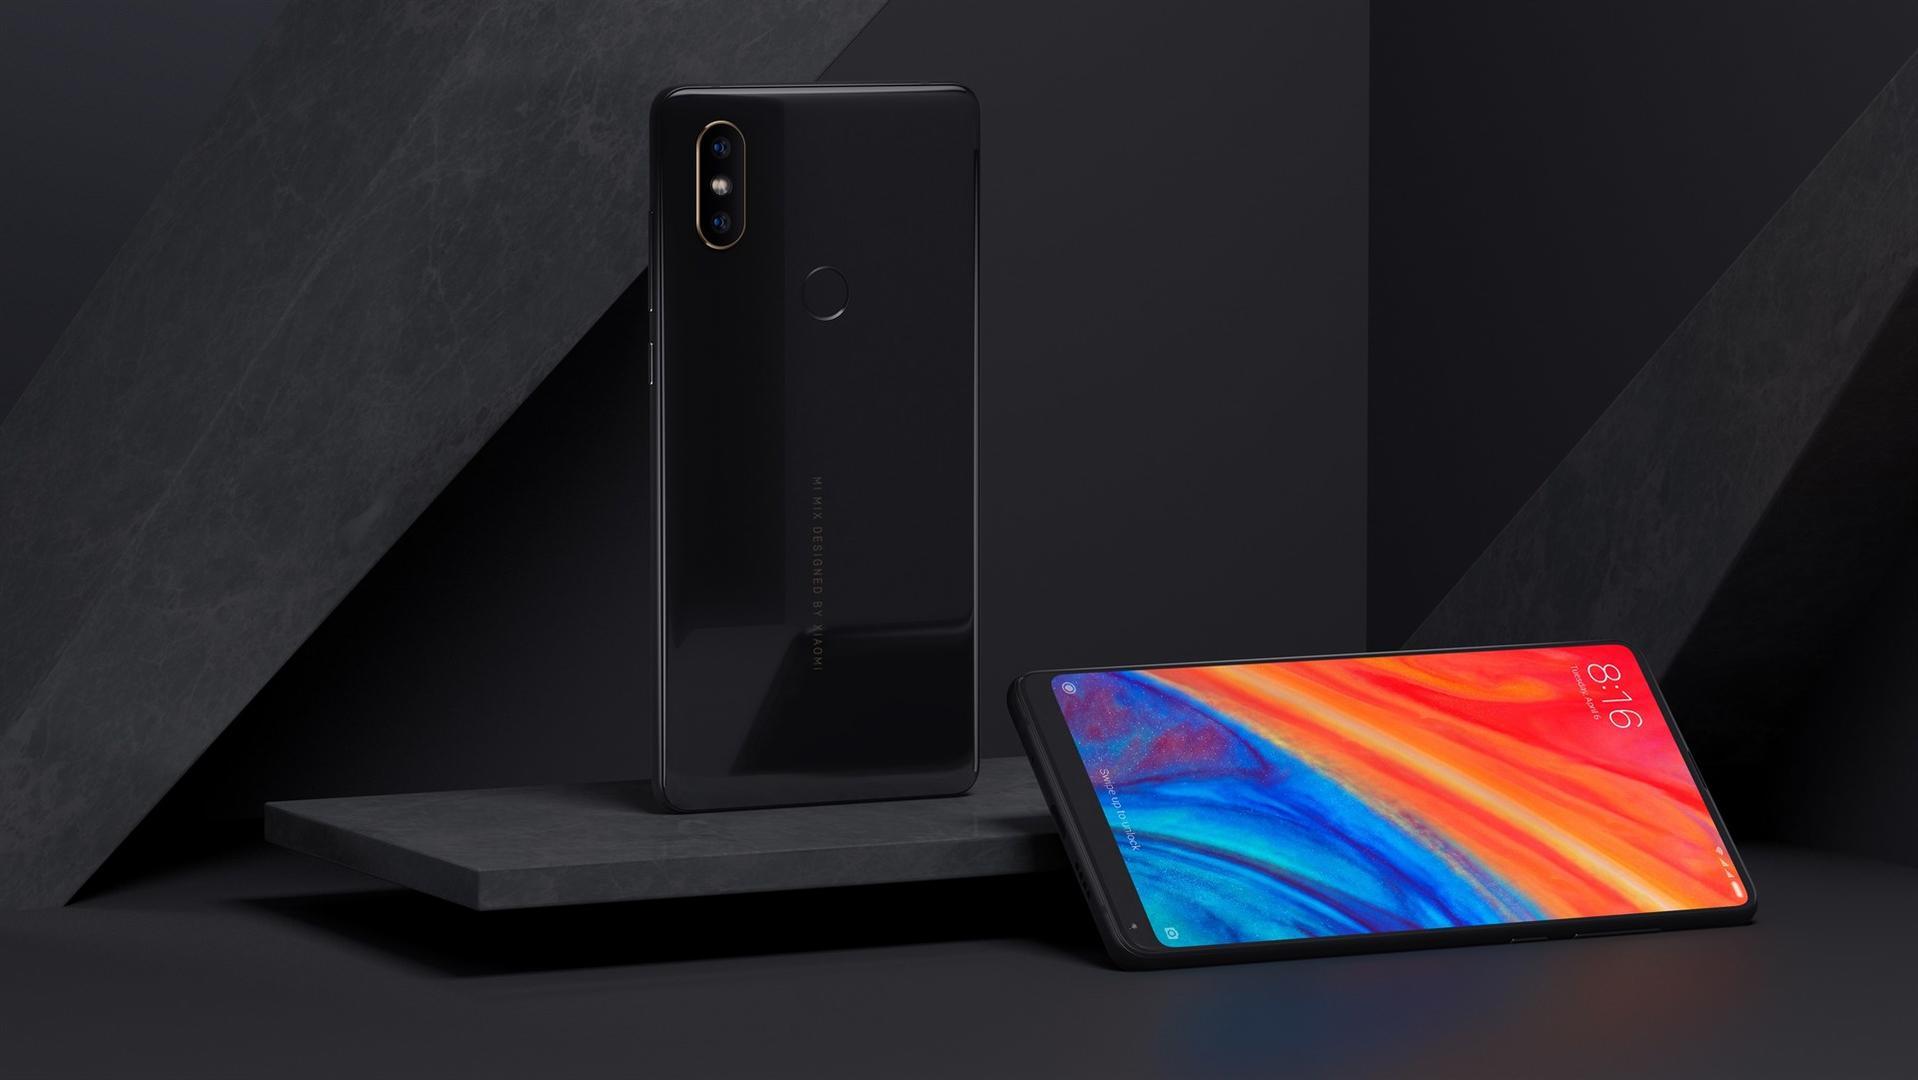 El Xiaomi Mi MIX 2S cuenta con ARCore